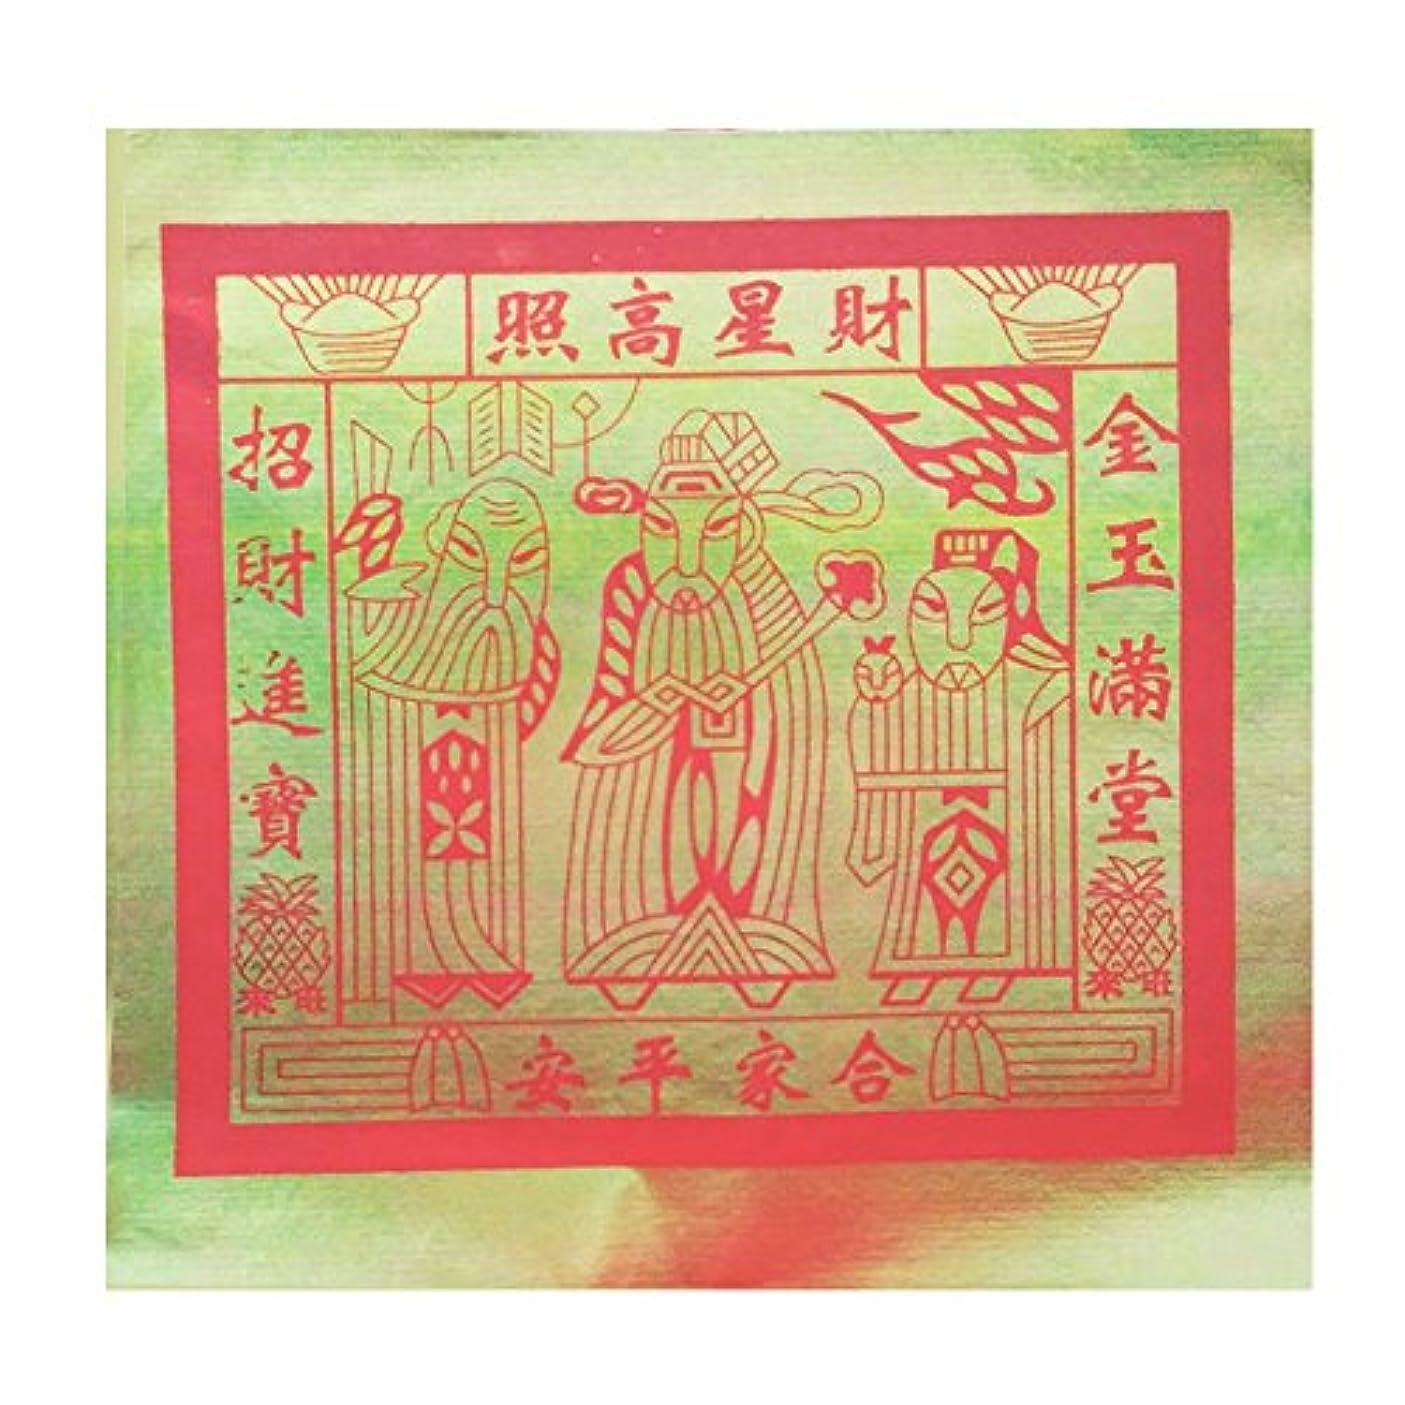 しがみつく人形アルファベット100個Incense用紙/ Joss用紙with High Gradeフルゴールド箔サイズ中10.75インチx 10.4インチ